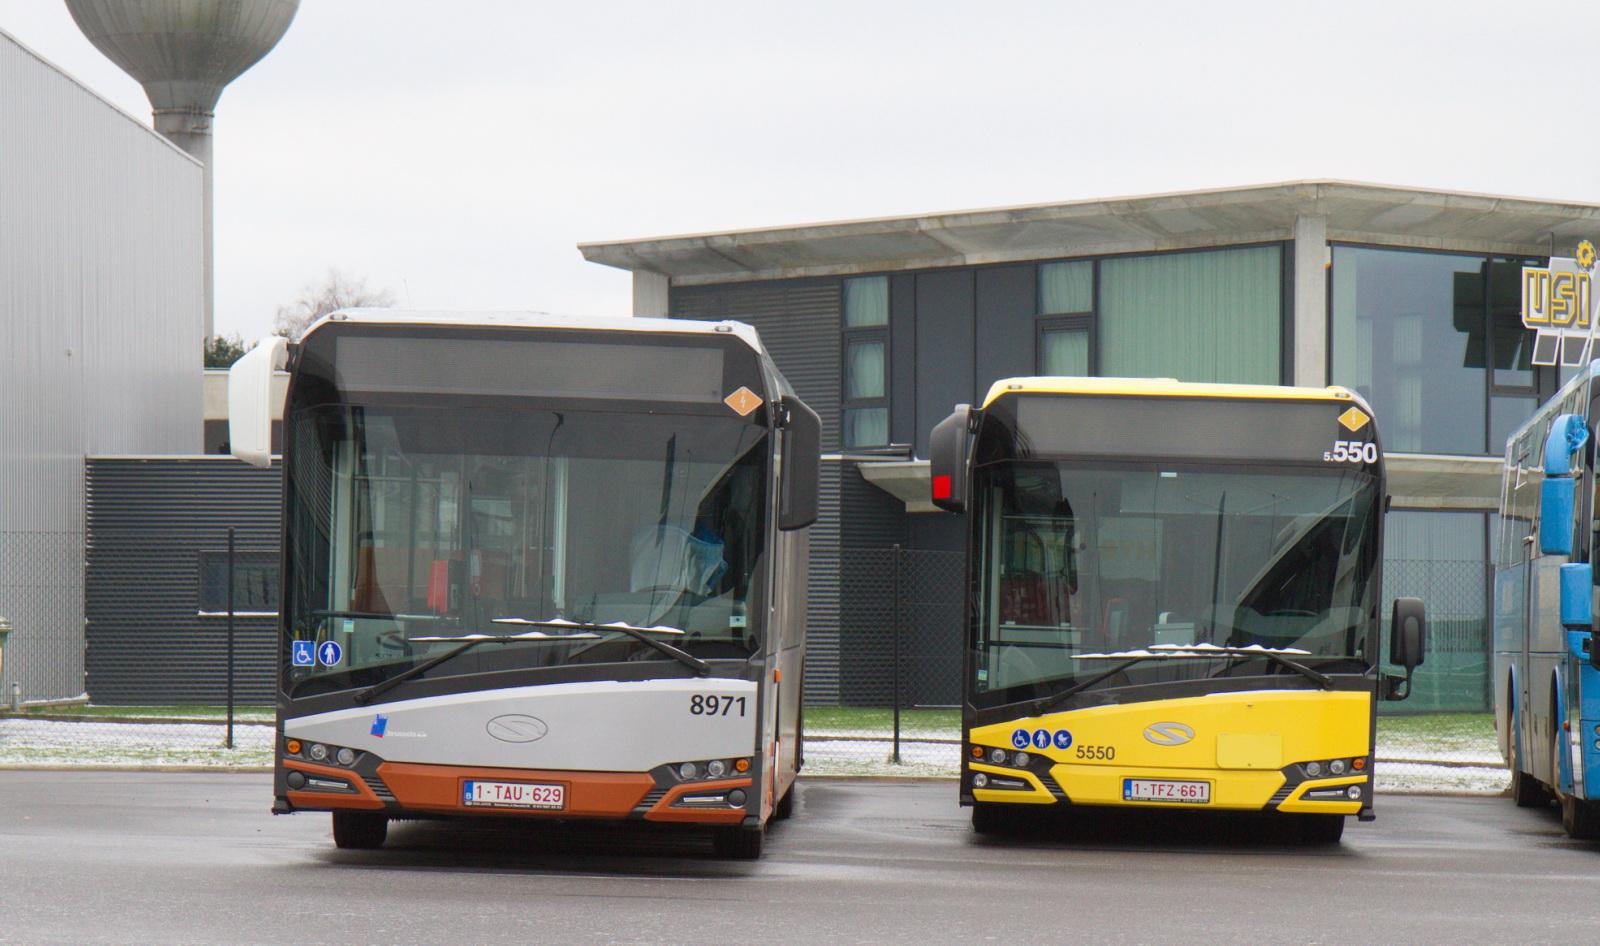 Dvojice autobusů Solaris ve službách belgických dopravců STIB (hybrid vlevo) a SRWT. (foto: Jean Philippe Dheure)